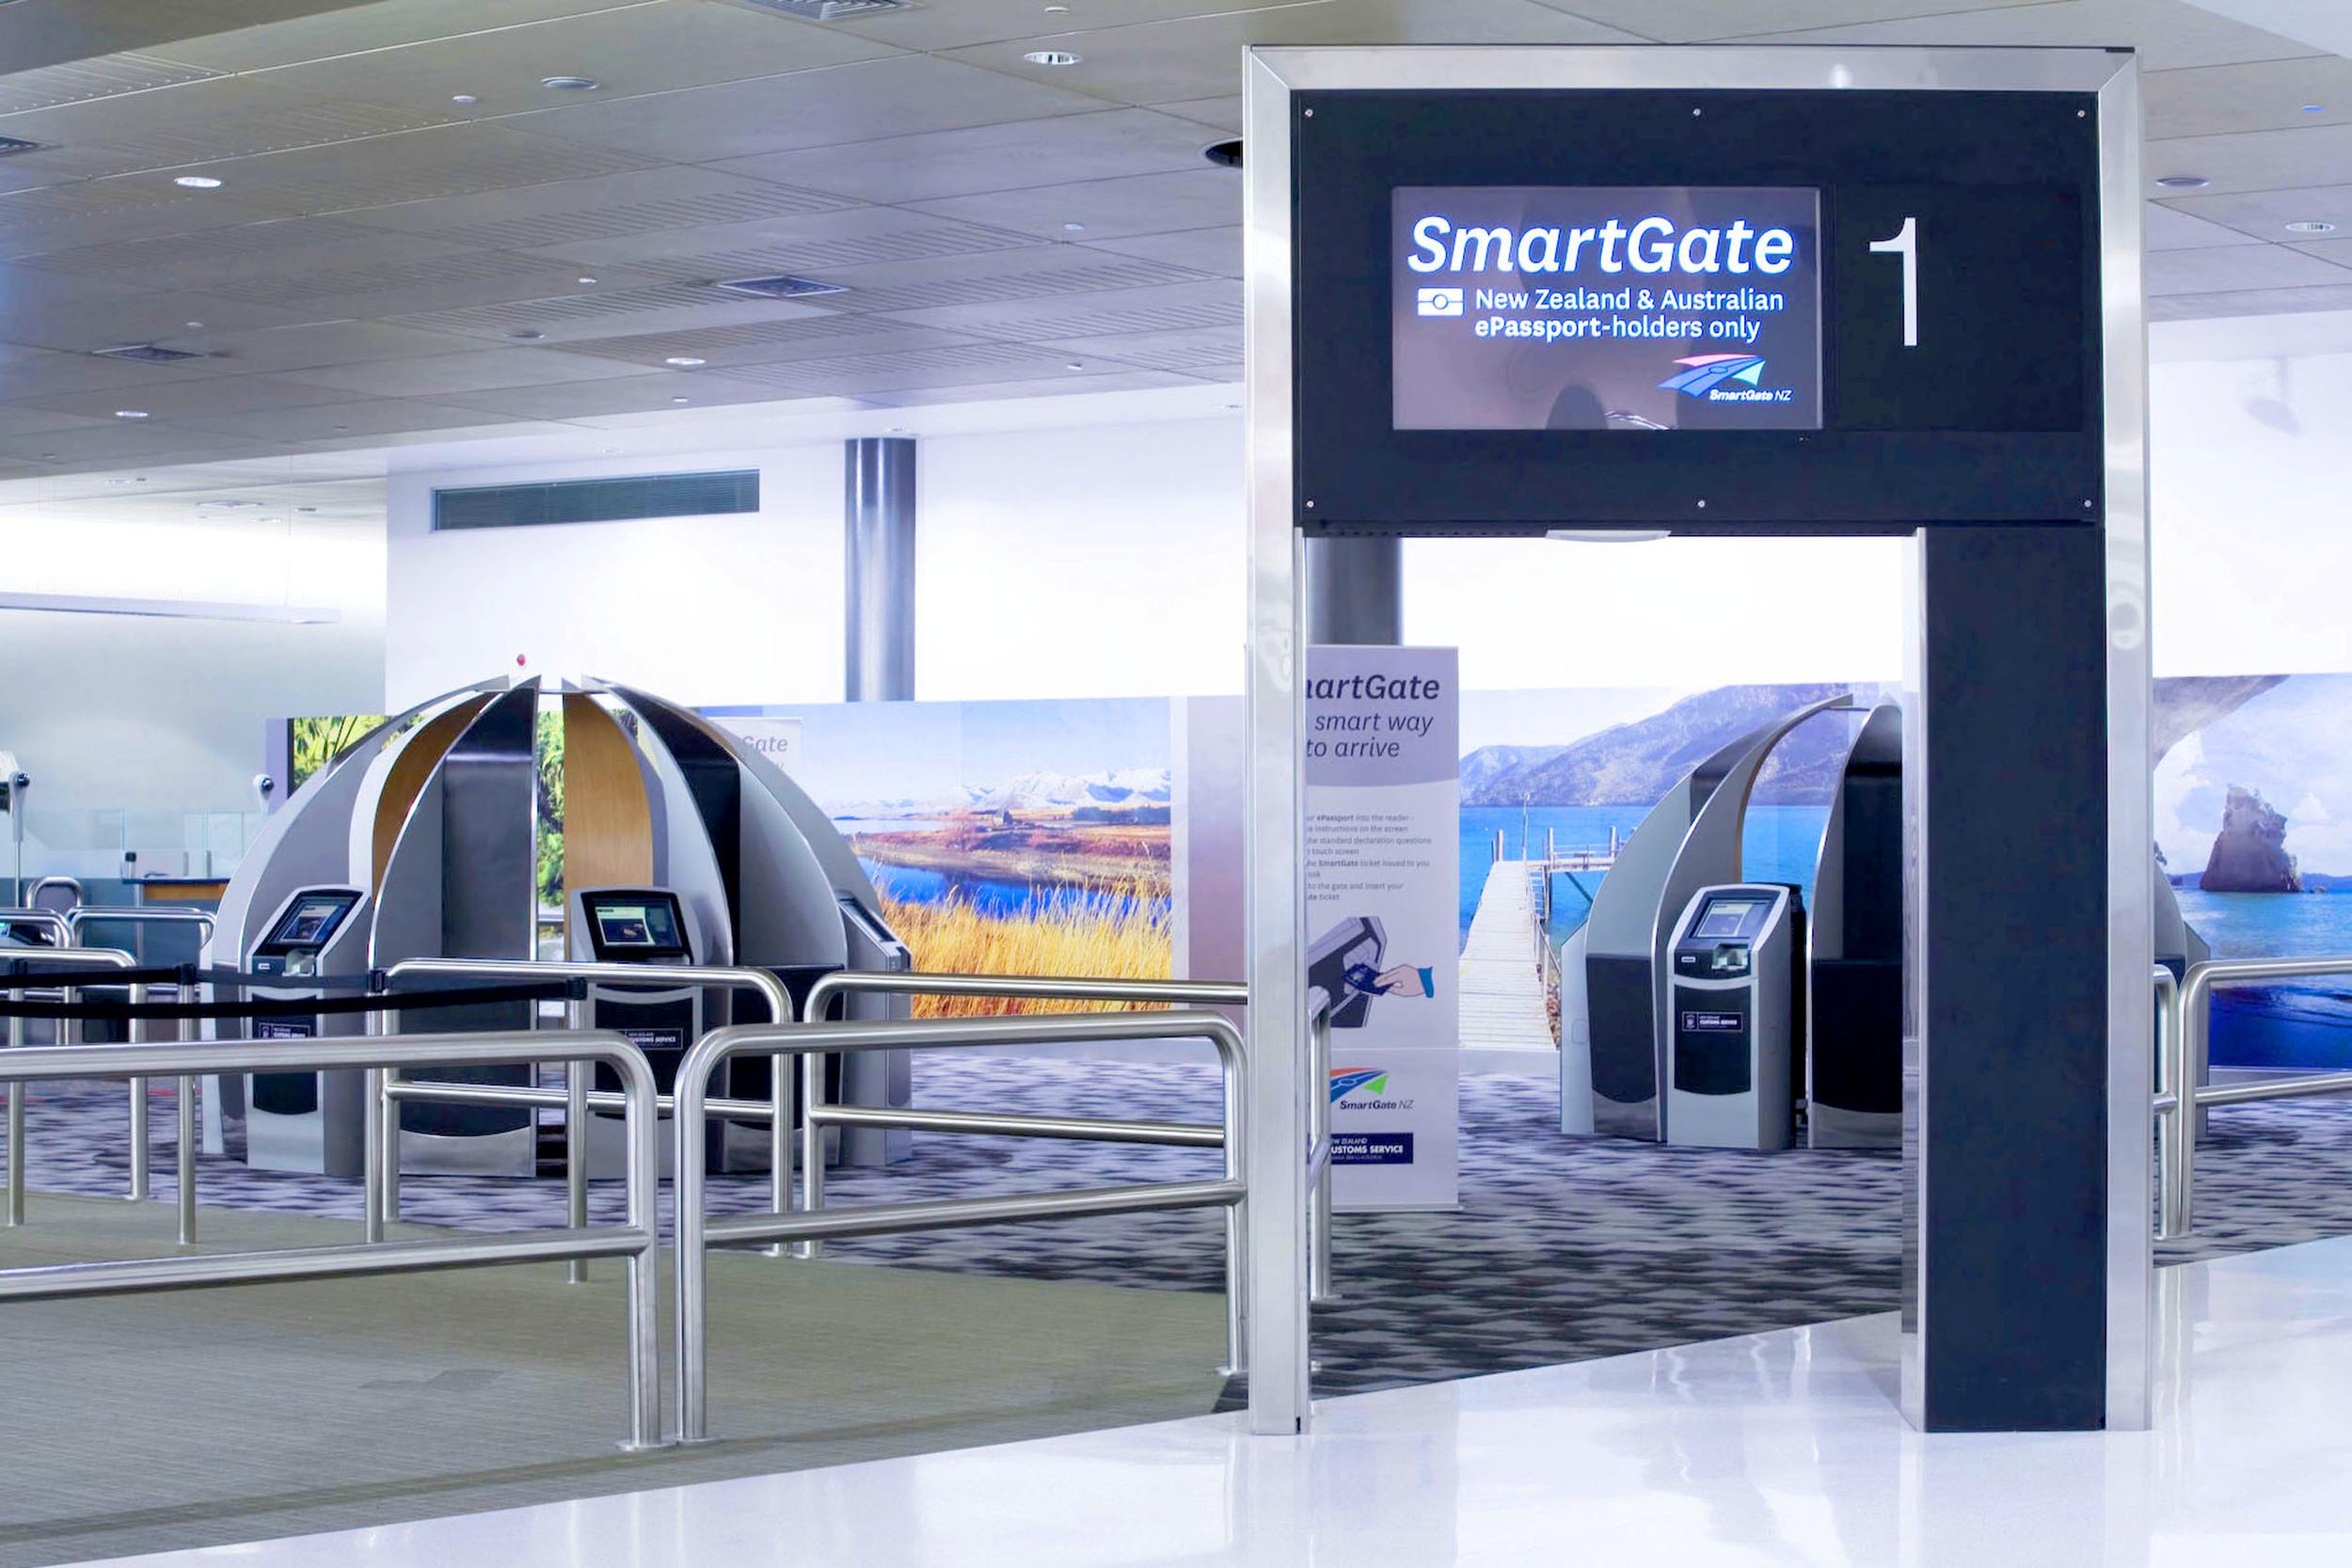 AA_Smartgate01_L.jpg